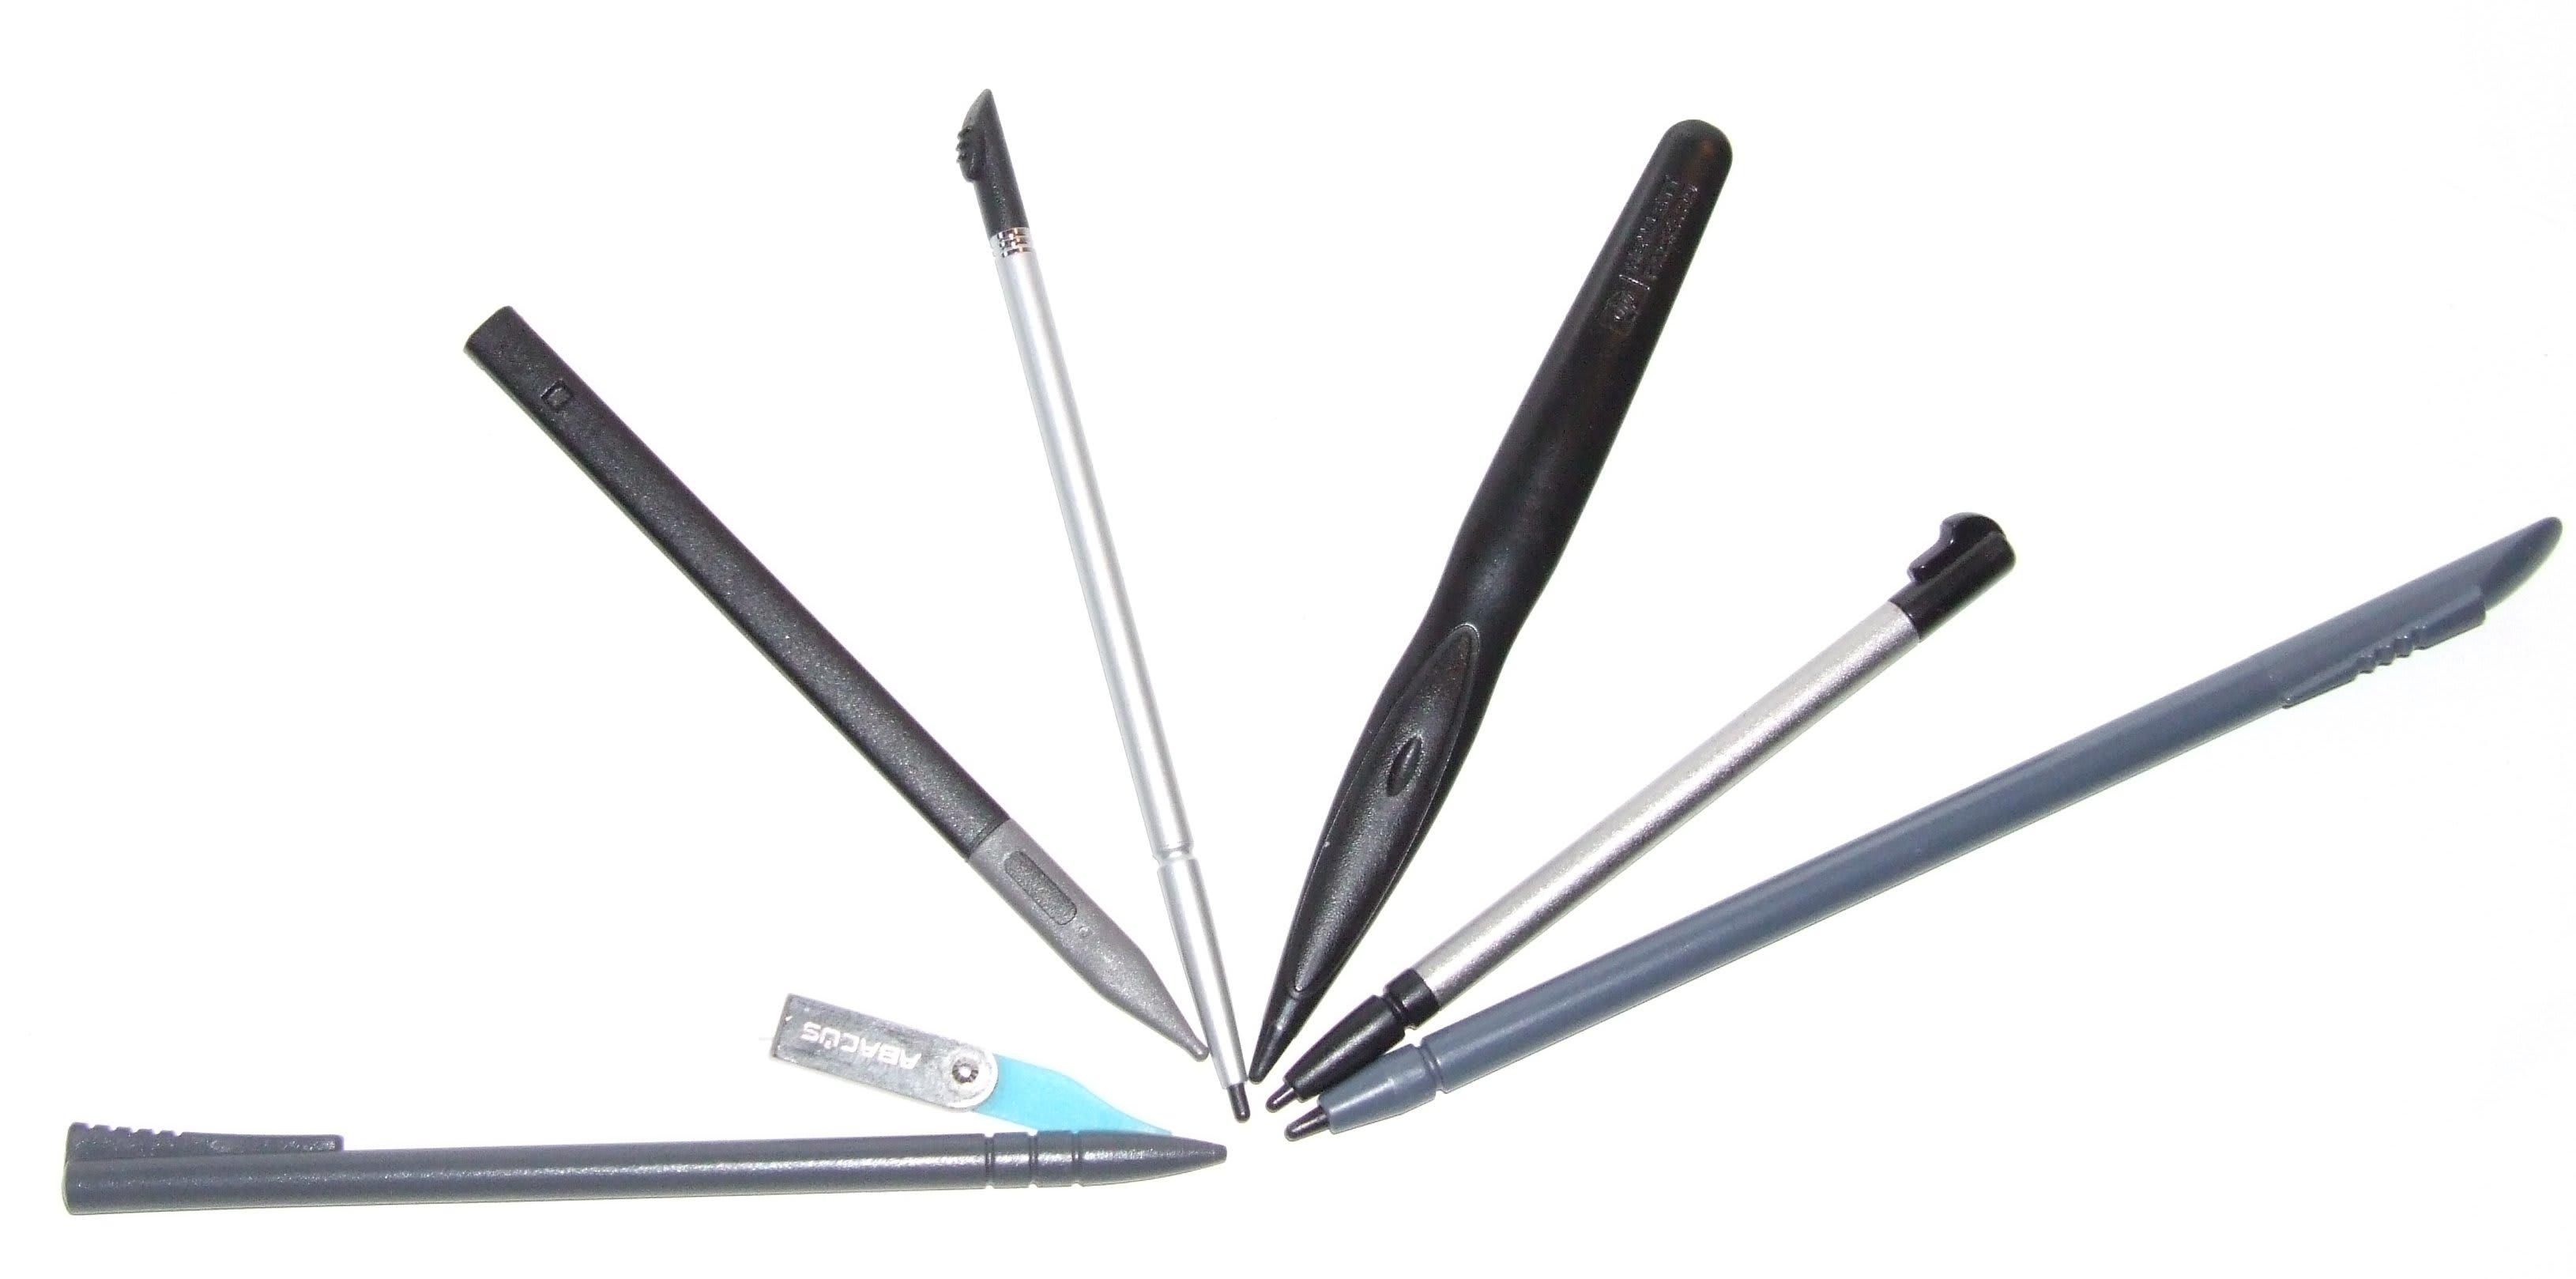 Perhatikan ujung stylus pen